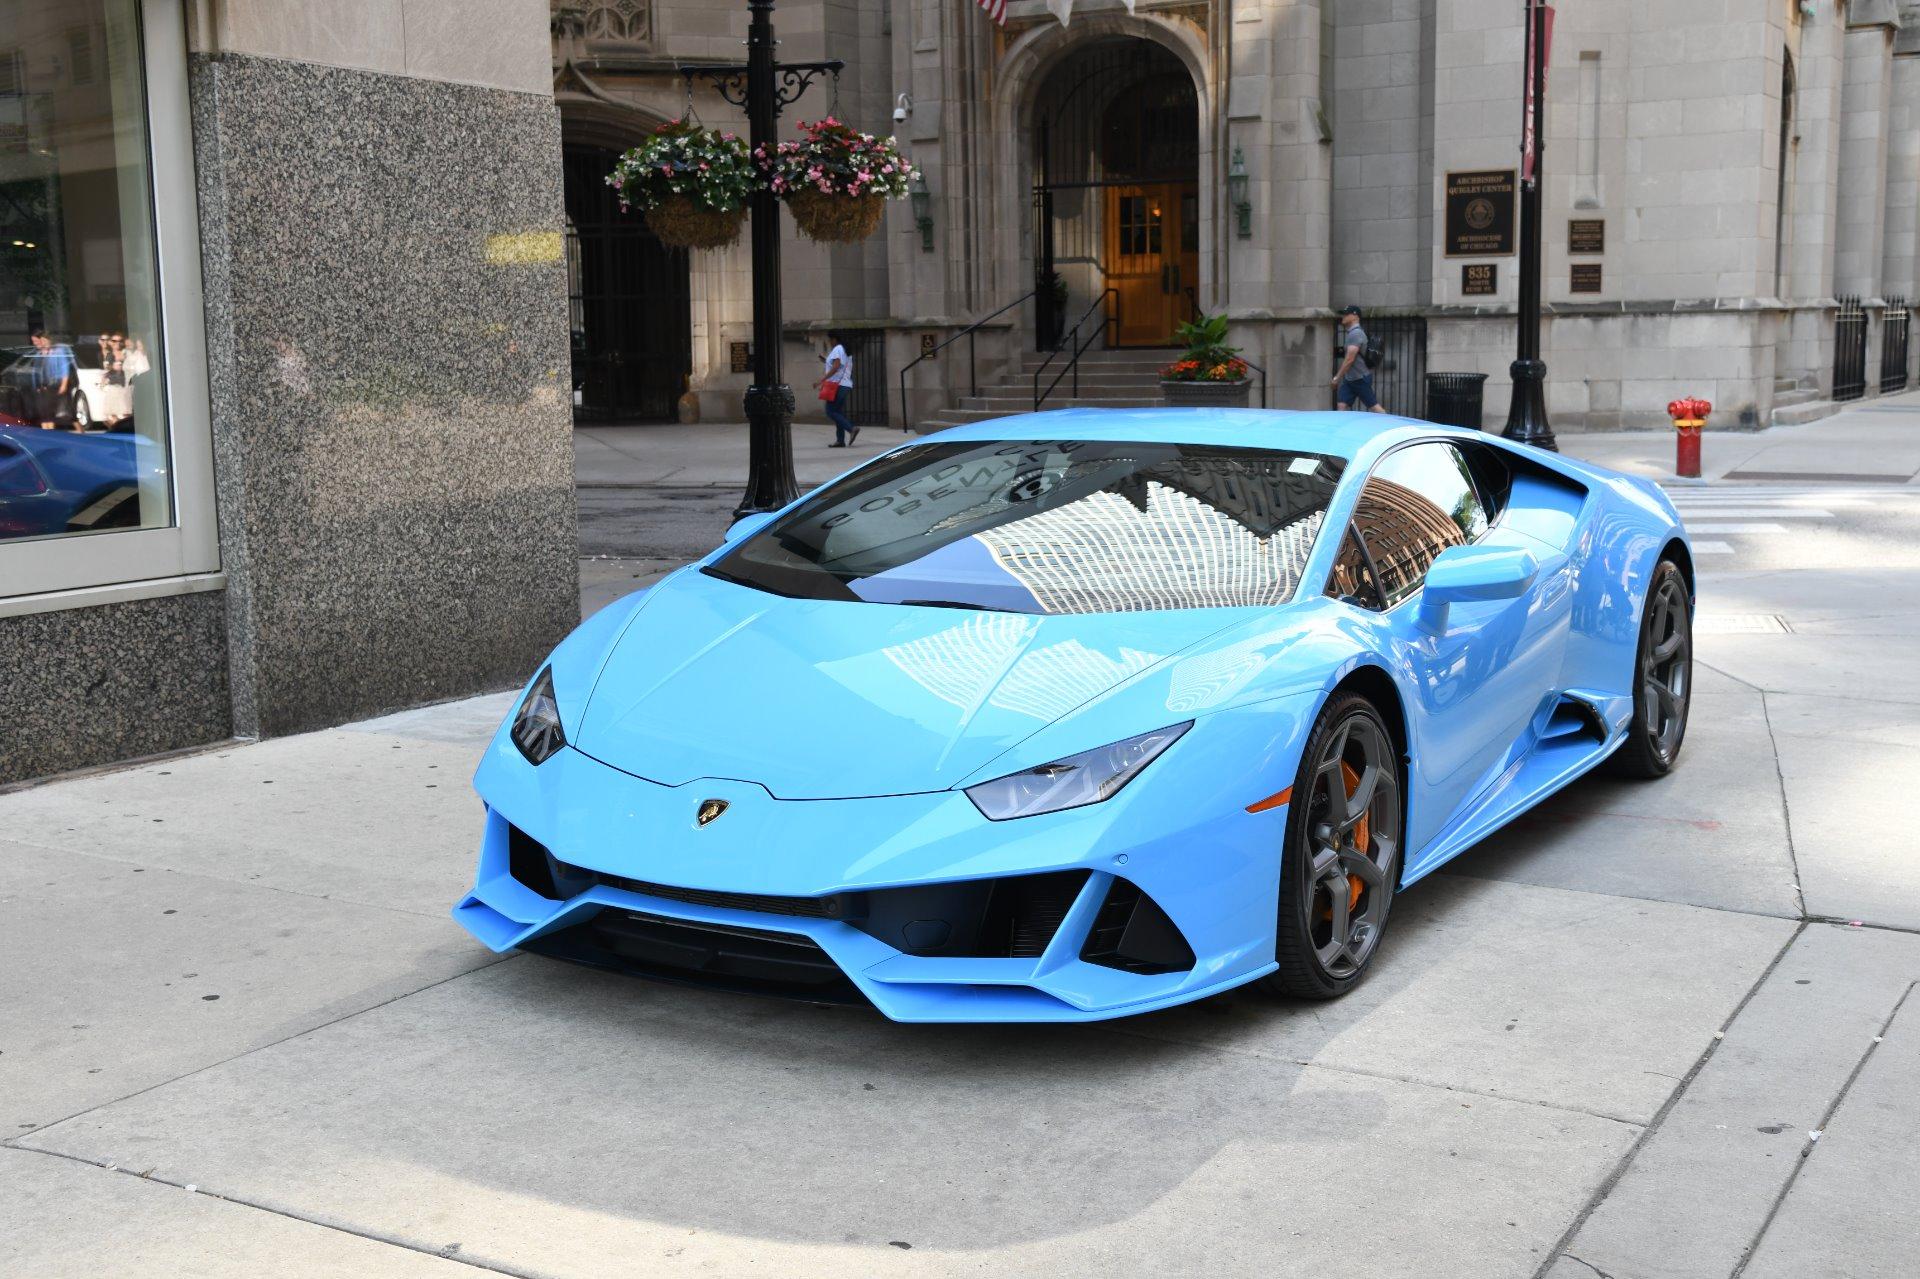 2020 Lamborghini Huracan LP 640-4 EVO Stock # 13108 for sale near Chicago,  IL | IL Lamborghini Dealer